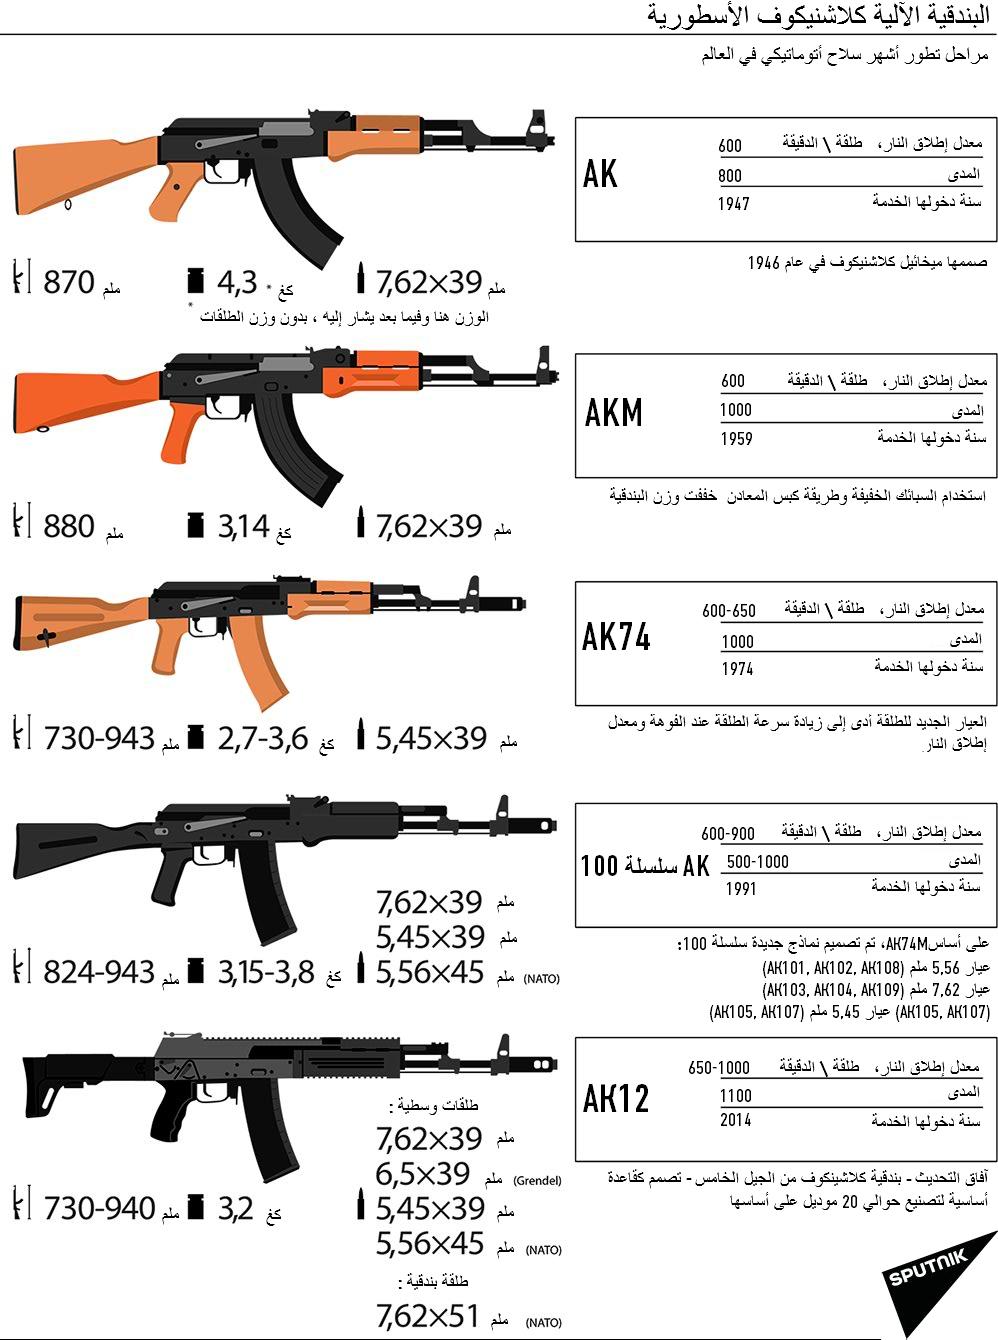 اسماء الاسلحه في ببجي بالصور